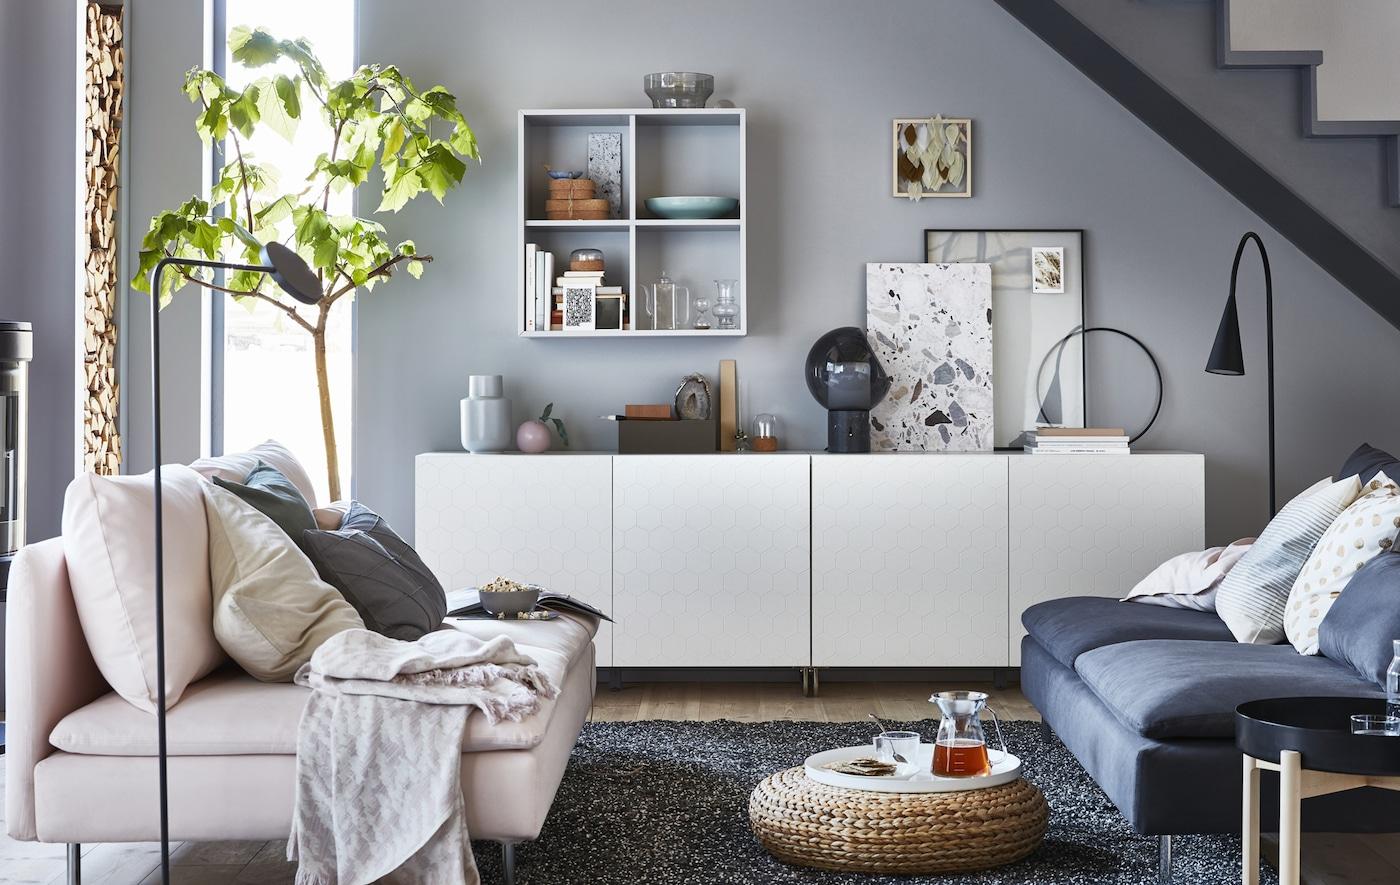 Full Size of Abfallbehälter Ikea Lebe Umweltbewusst Und Nachhaltig Schweiz Küche Kosten Modulküche Sofa Mit Schlaffunktion Miniküche Betten Bei Kaufen 160x200 Wohnzimmer Abfallbehälter Ikea